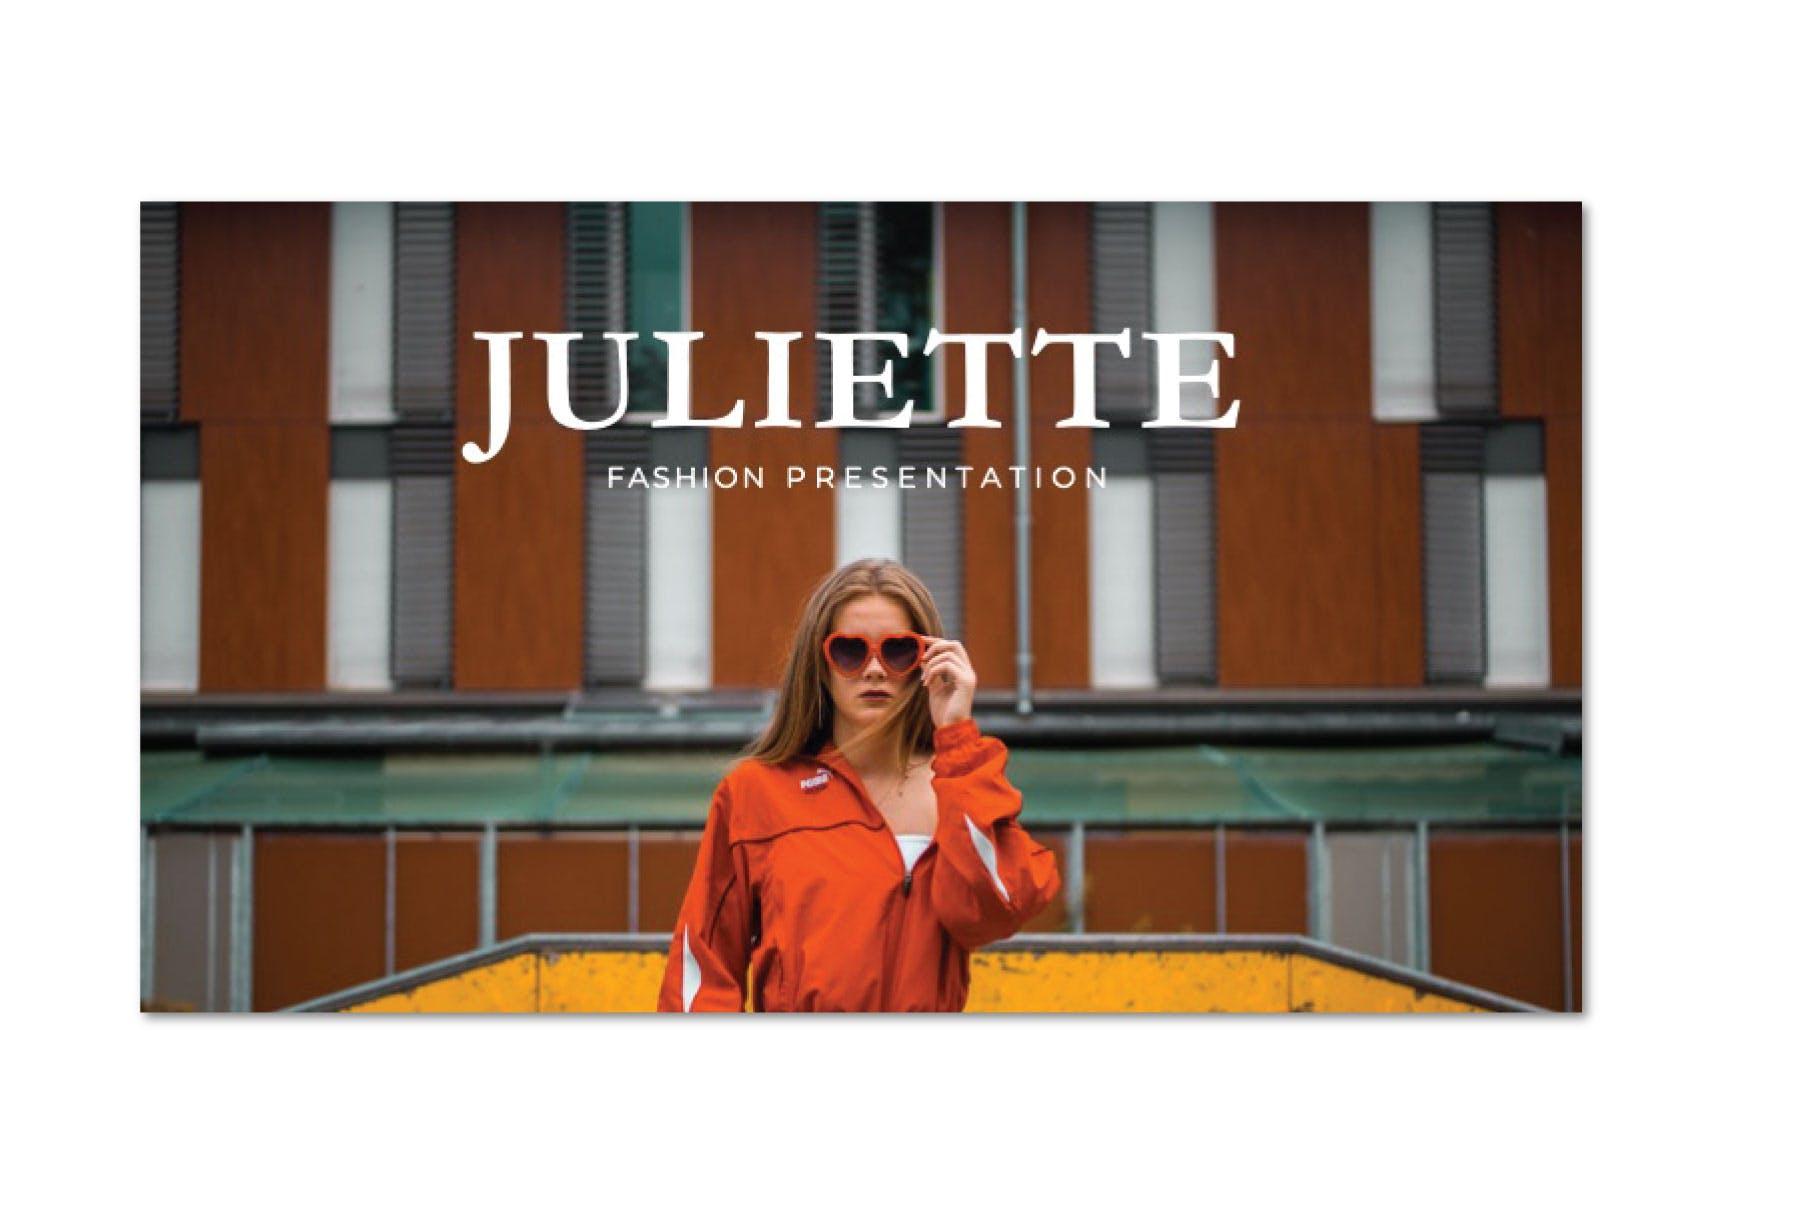 企业市场策划PPT幻灯片模板下载JULIETTE  Powerpoint Template插图(1)